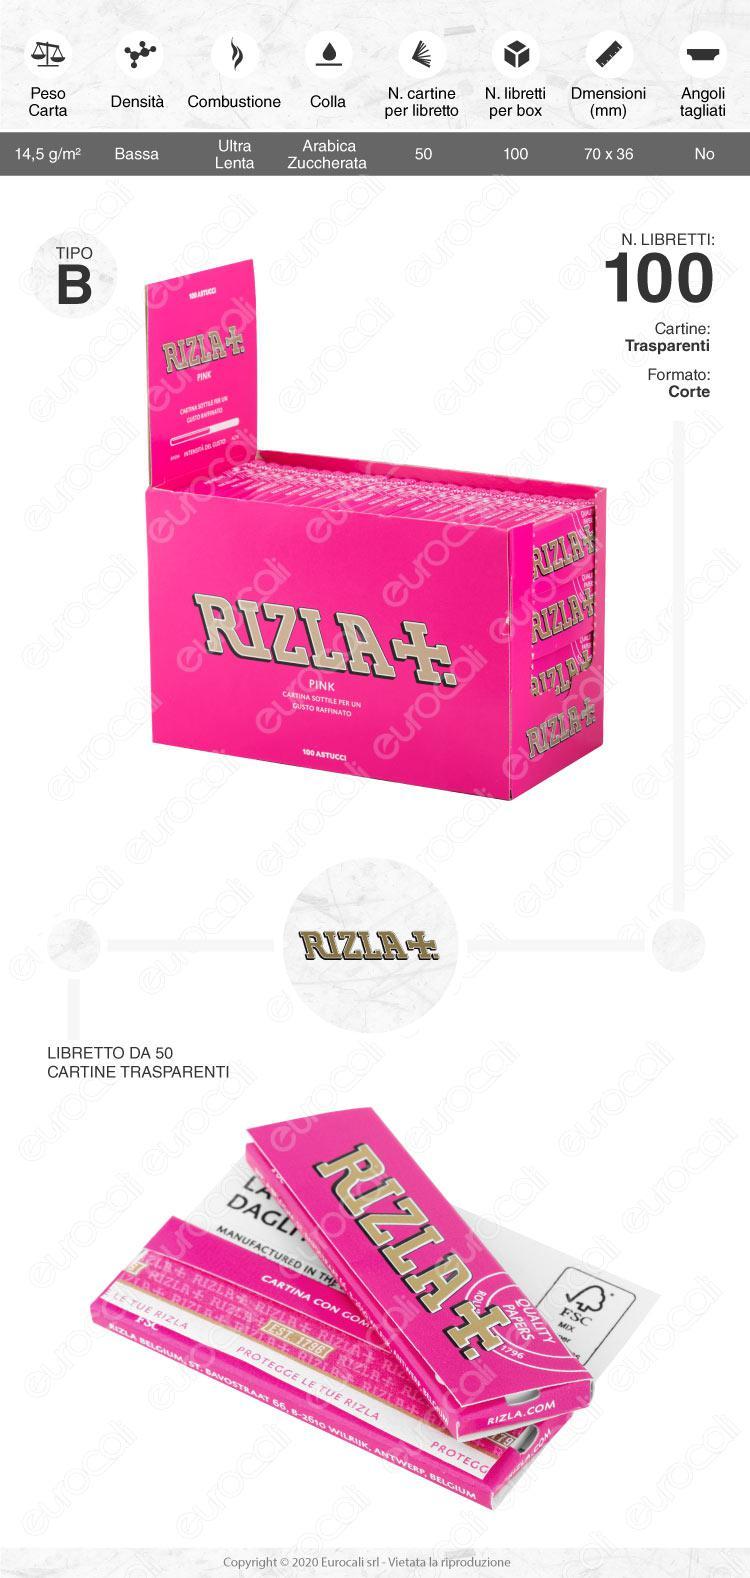 Cartine Rizla Pink corte